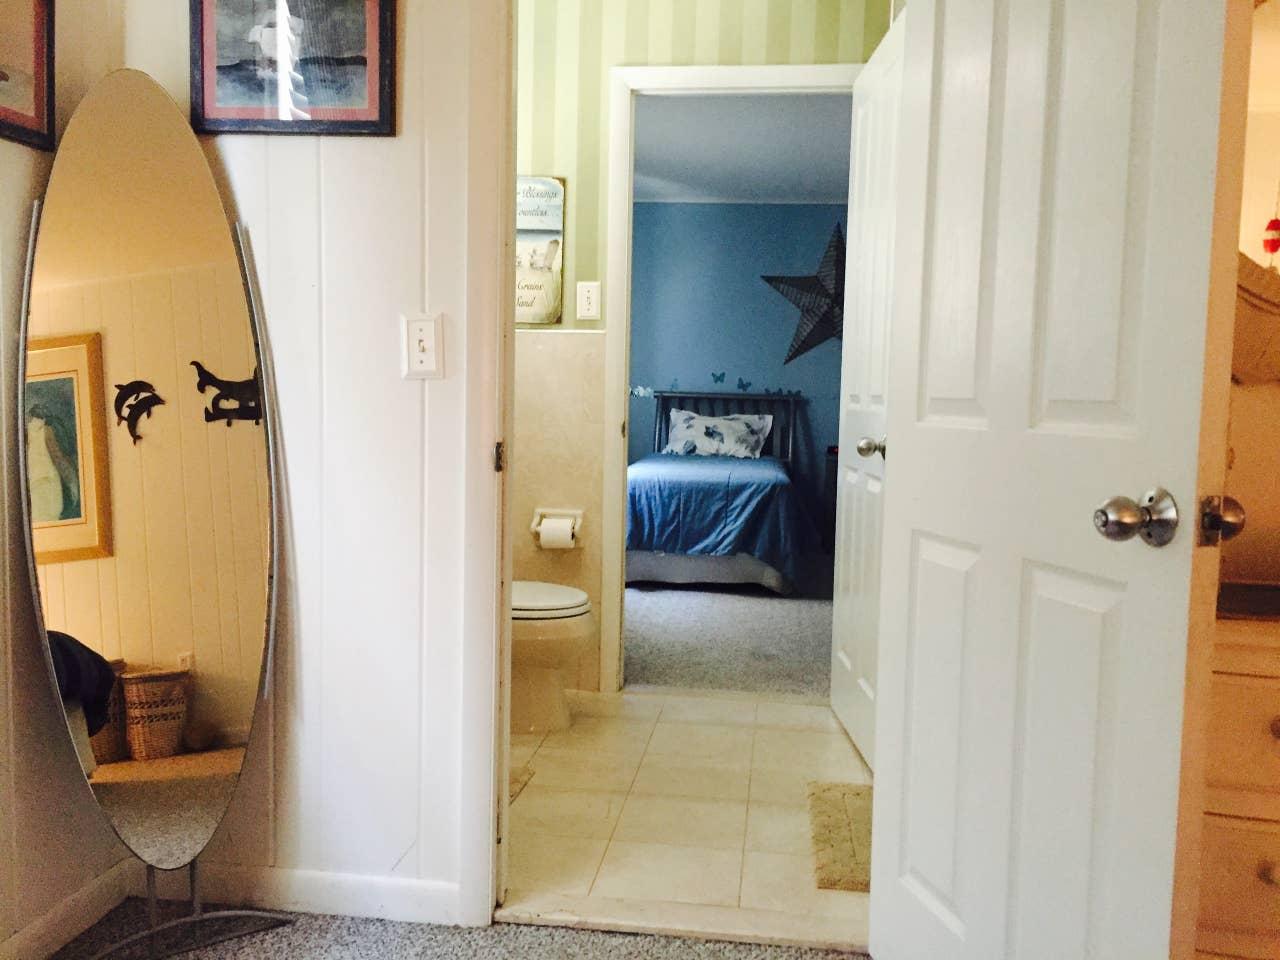 shabby chic beachhouse shared bathroom.jpg